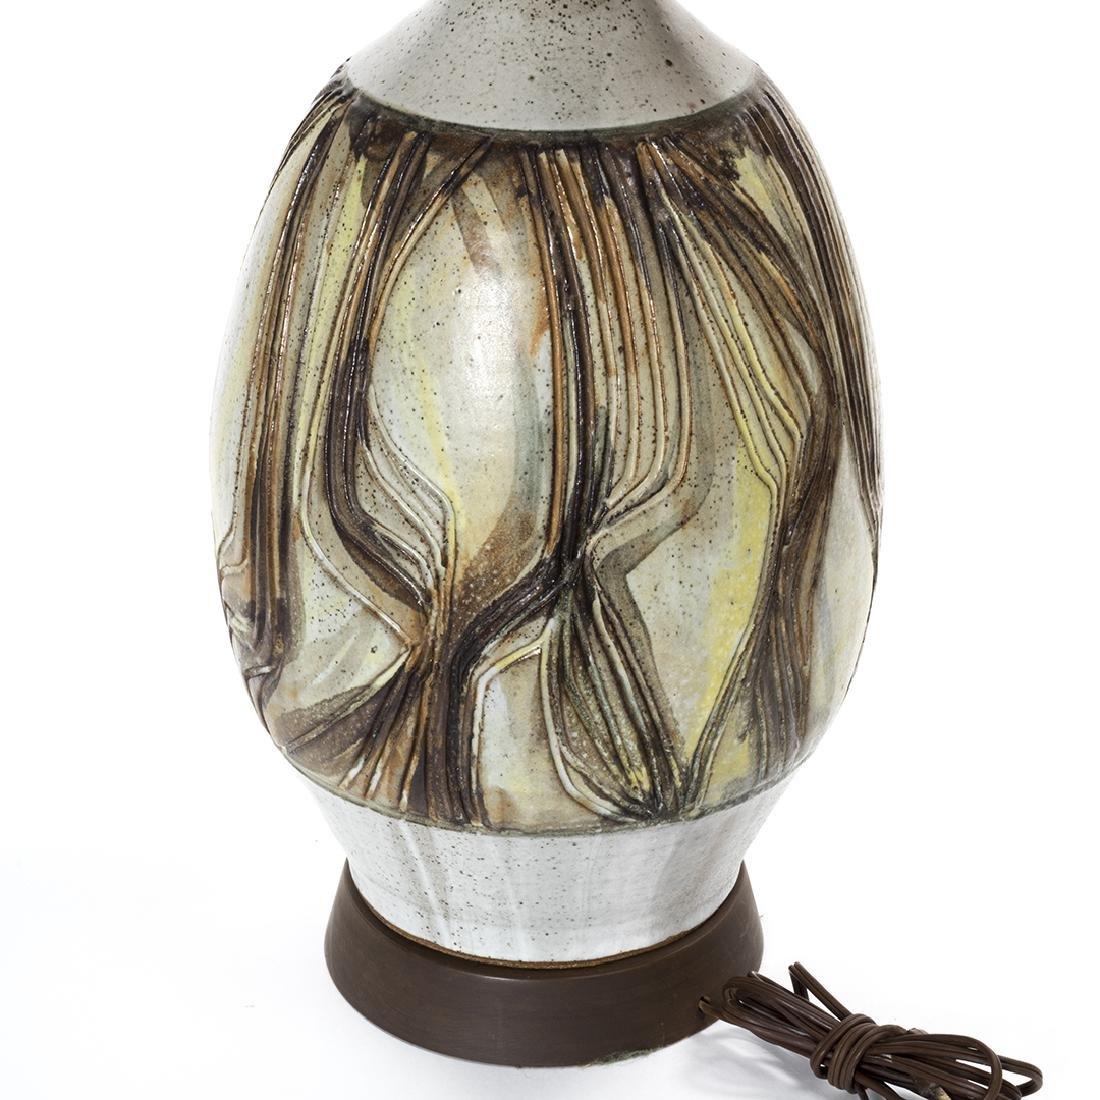 Joel Edwards and Maria Kipp Stoneware Lamp and Shade - 2